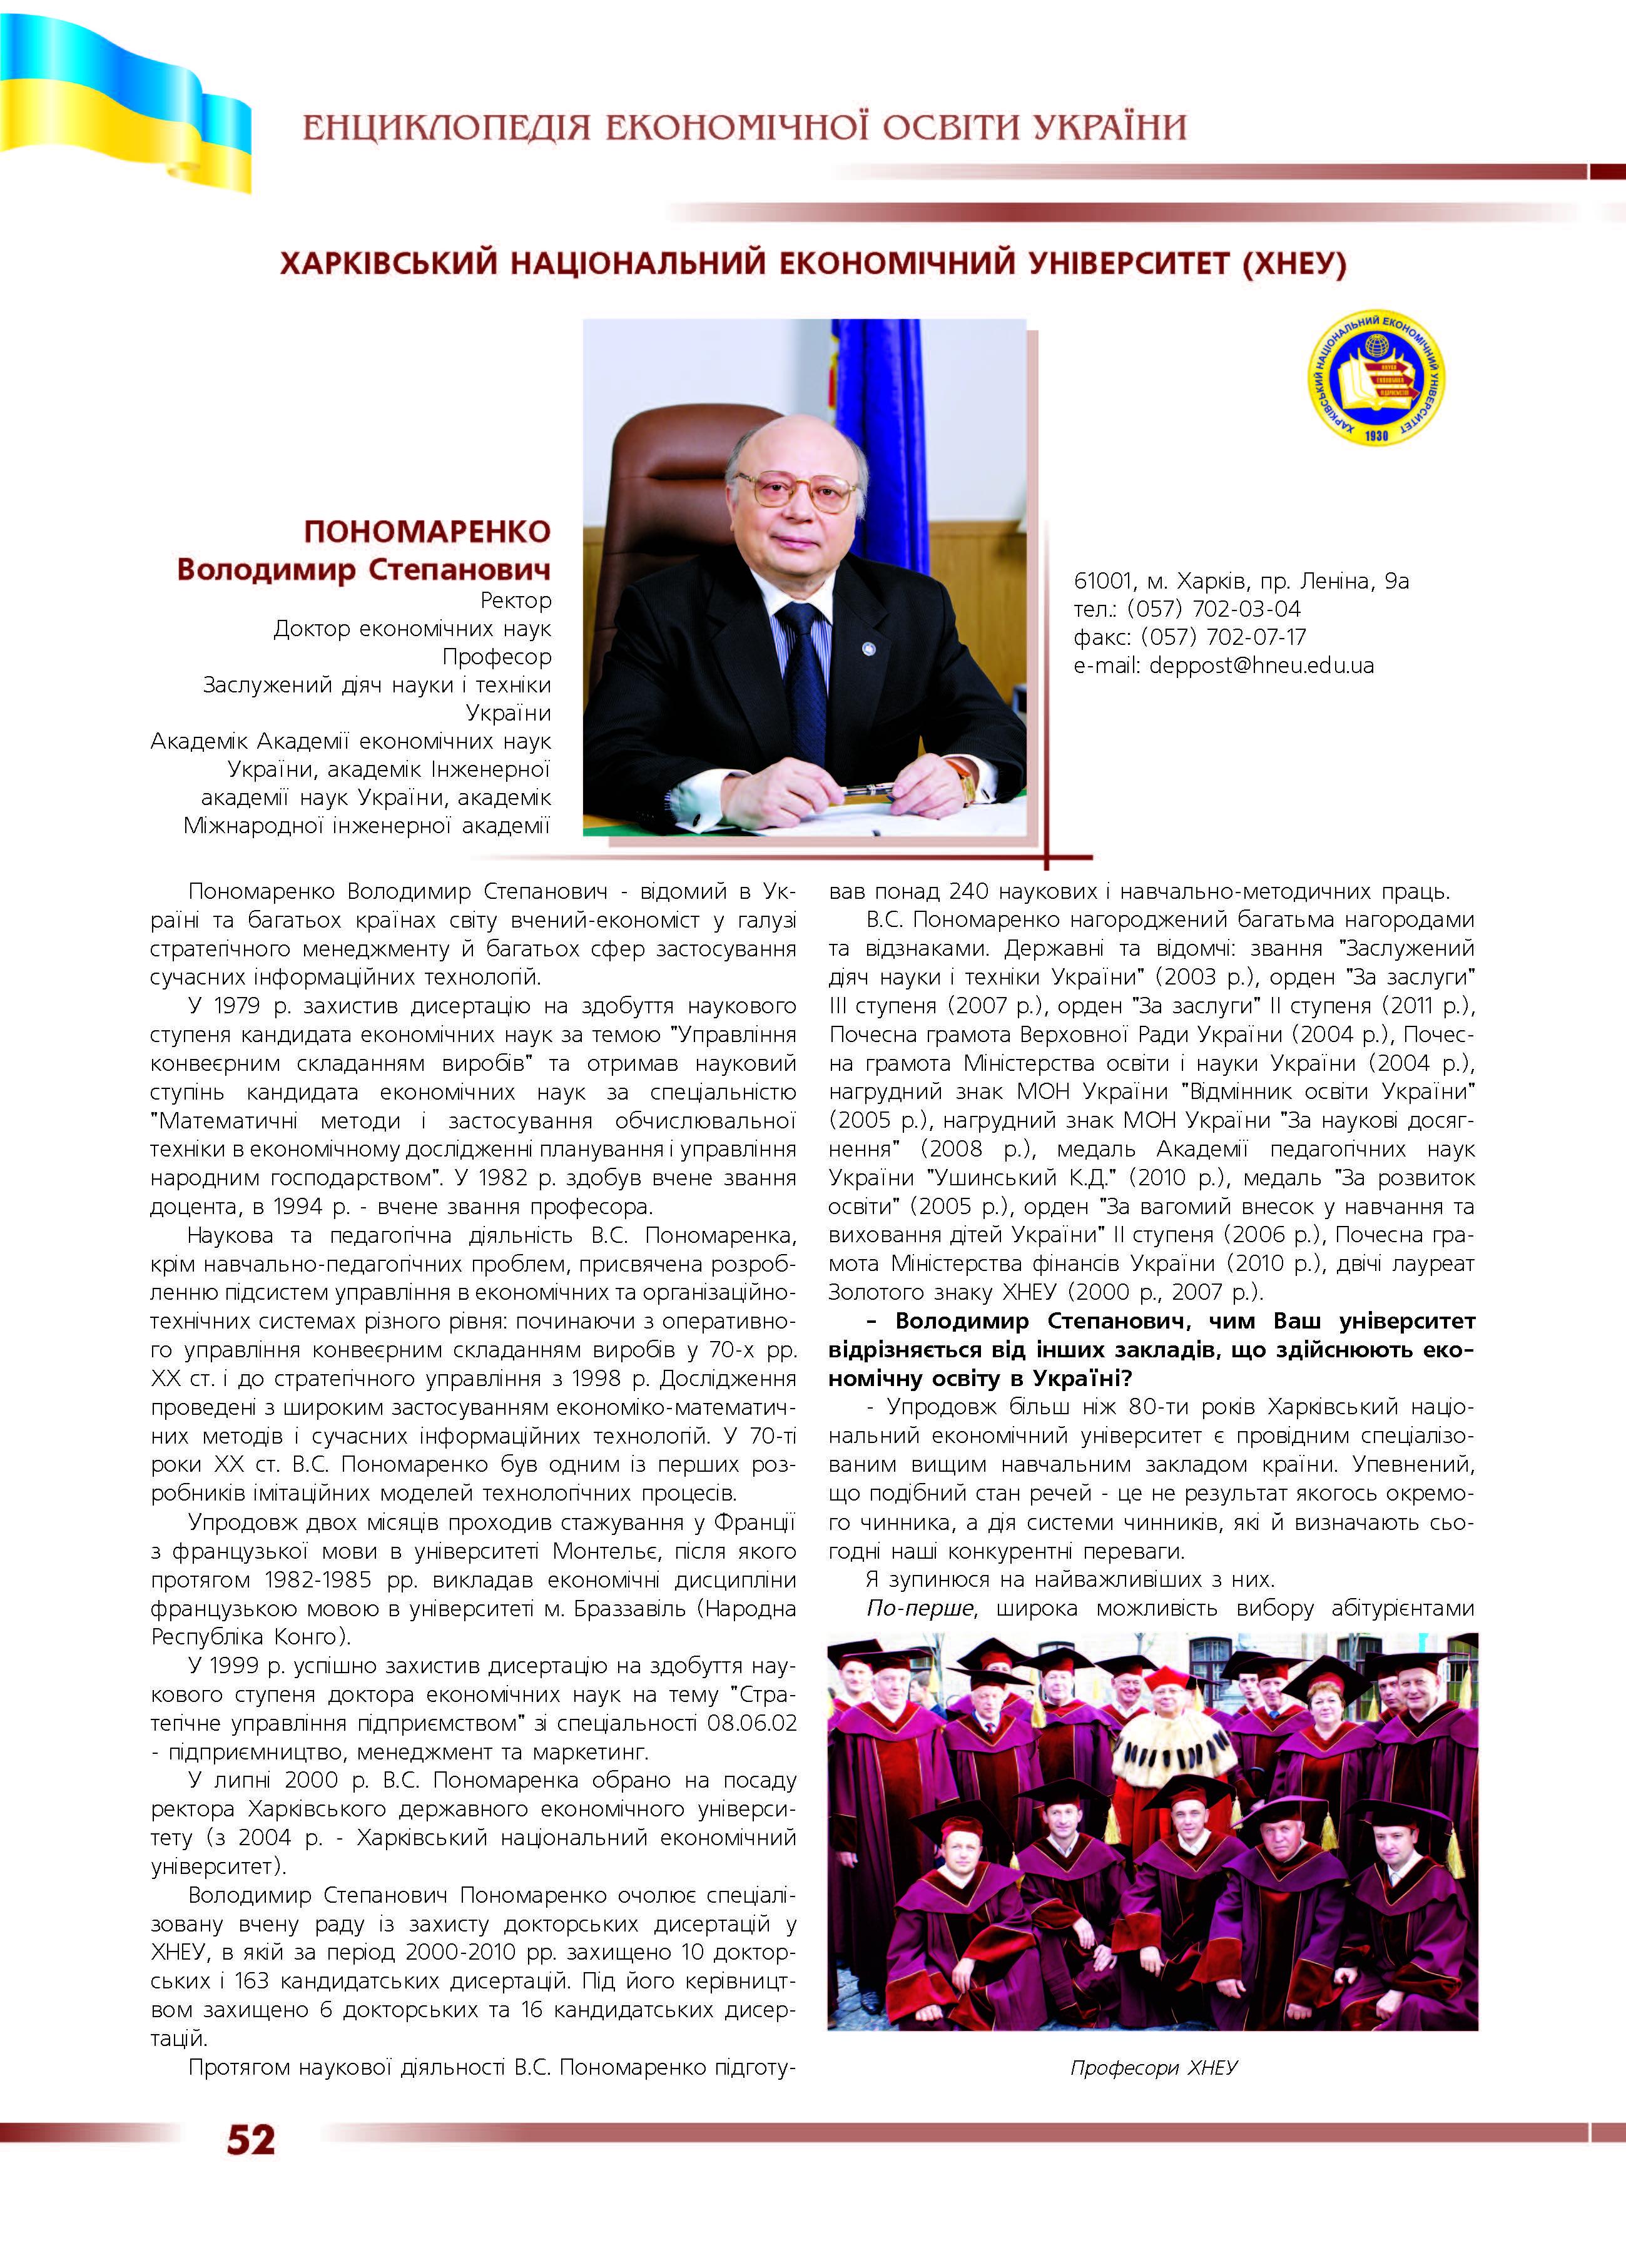 Харківський національний економічний університет (ХНЕУ)